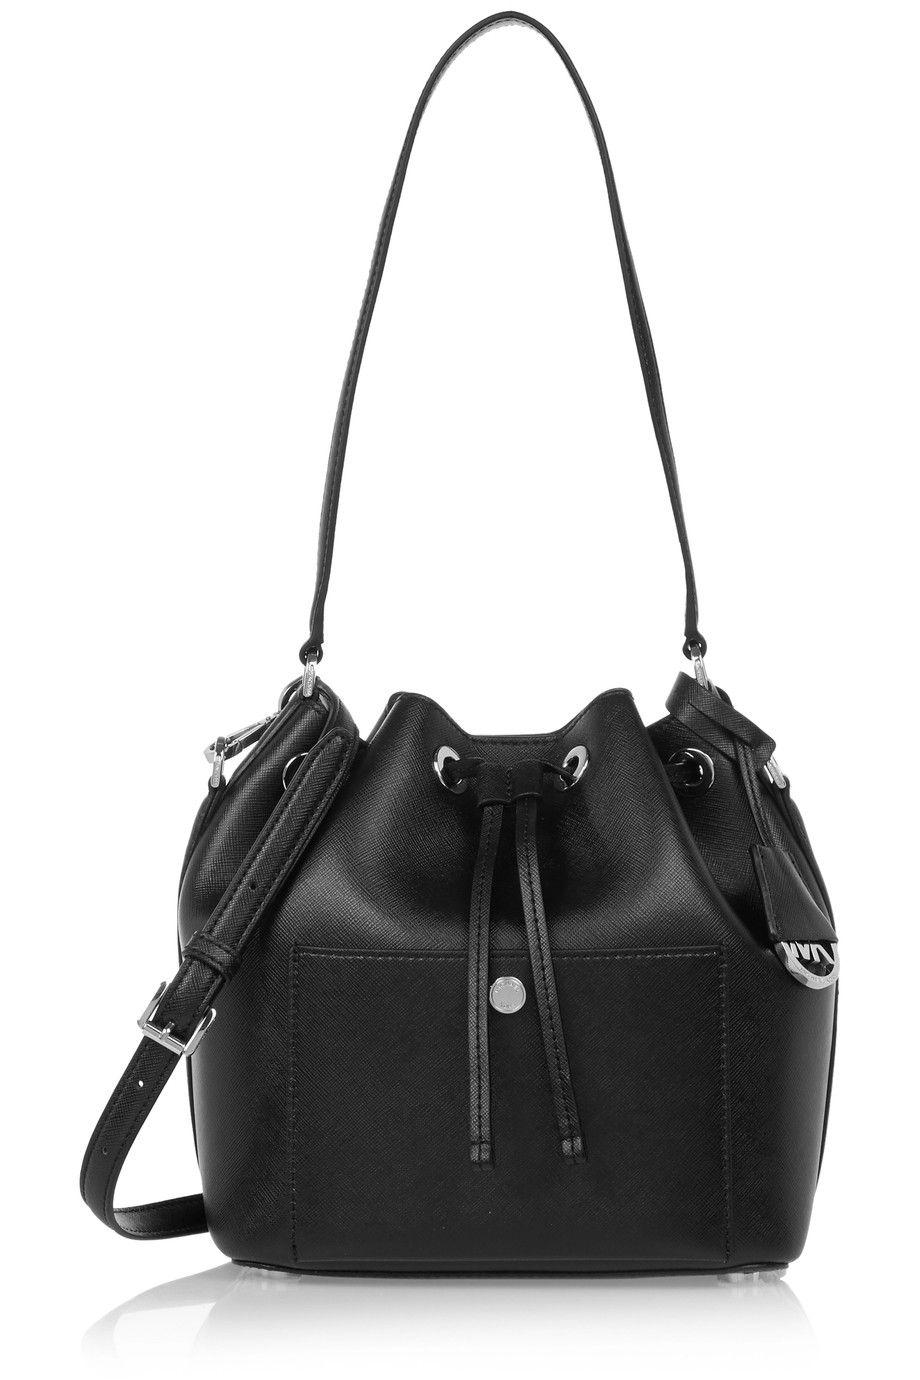 d832928cfc9c32 MICHAEL MICHAEL KORS Greenwich medium textured-leather bucket bag.  #michaelmichaelkors #bags #shoulder bags #hand bags #leather #bucket #